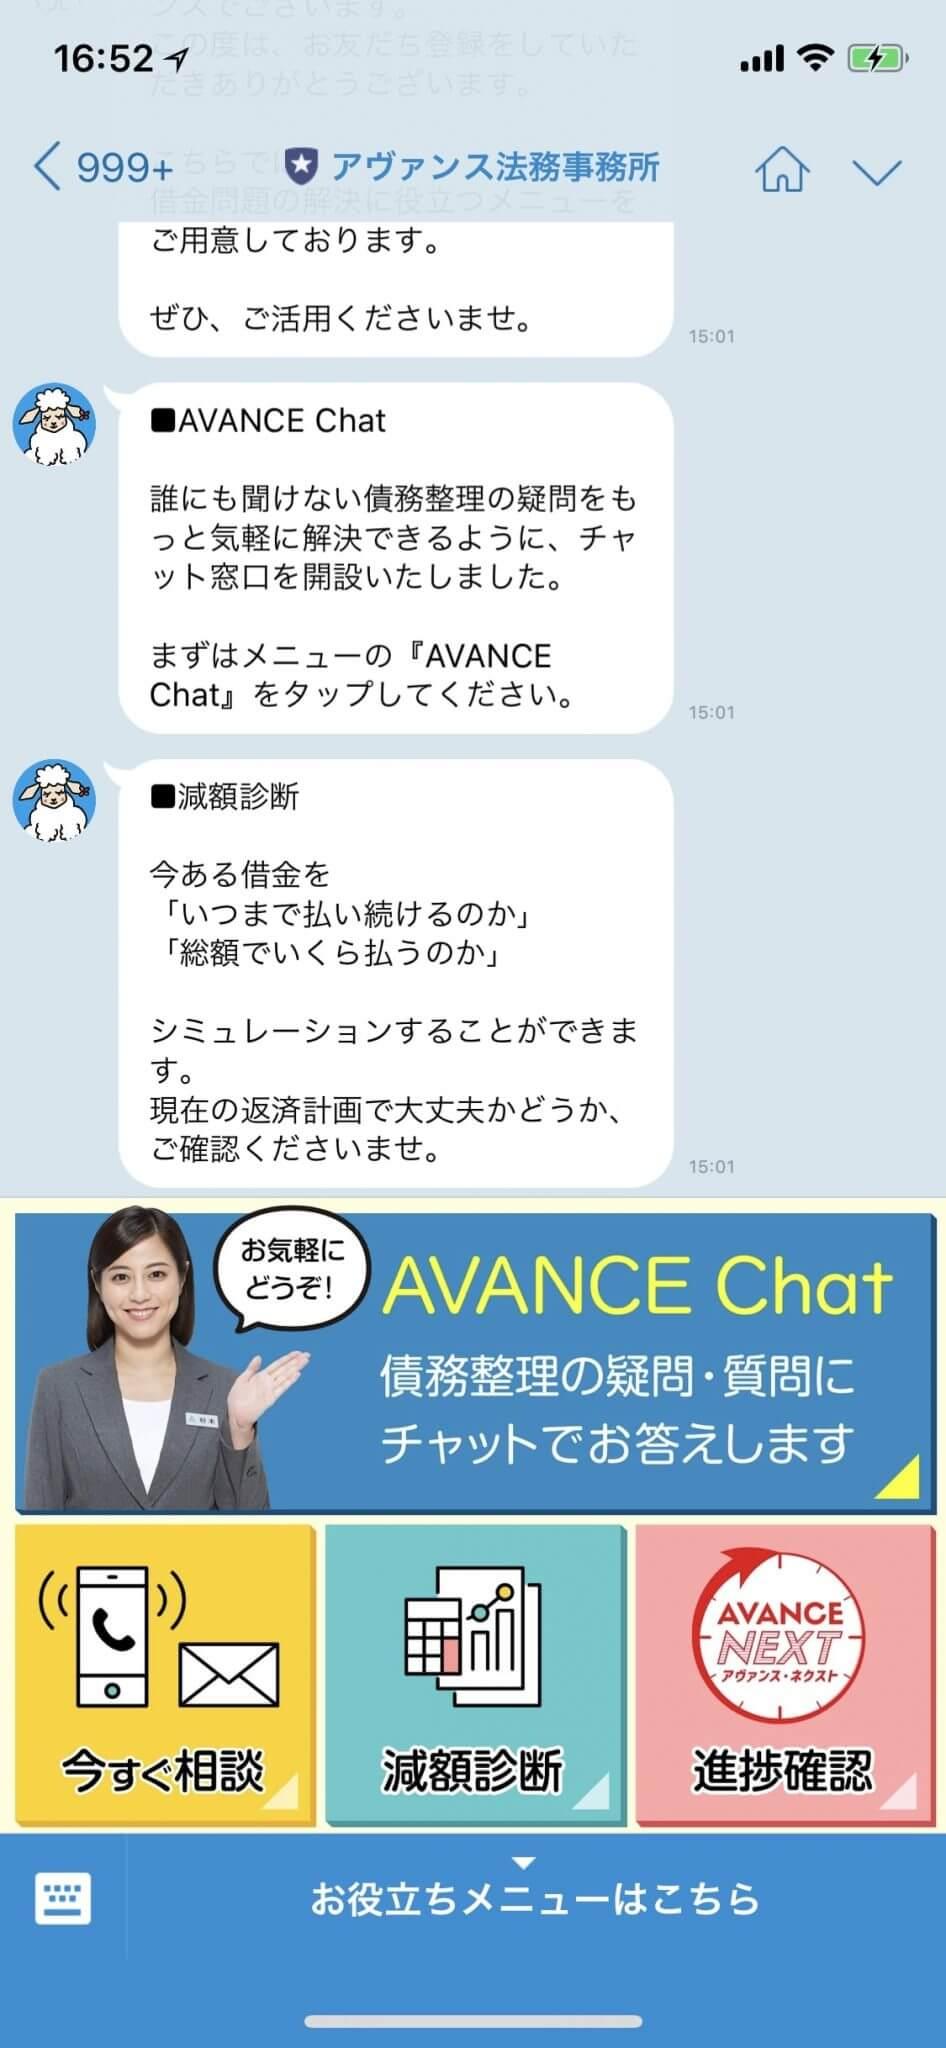 【士業】アヴァンス法務事務所